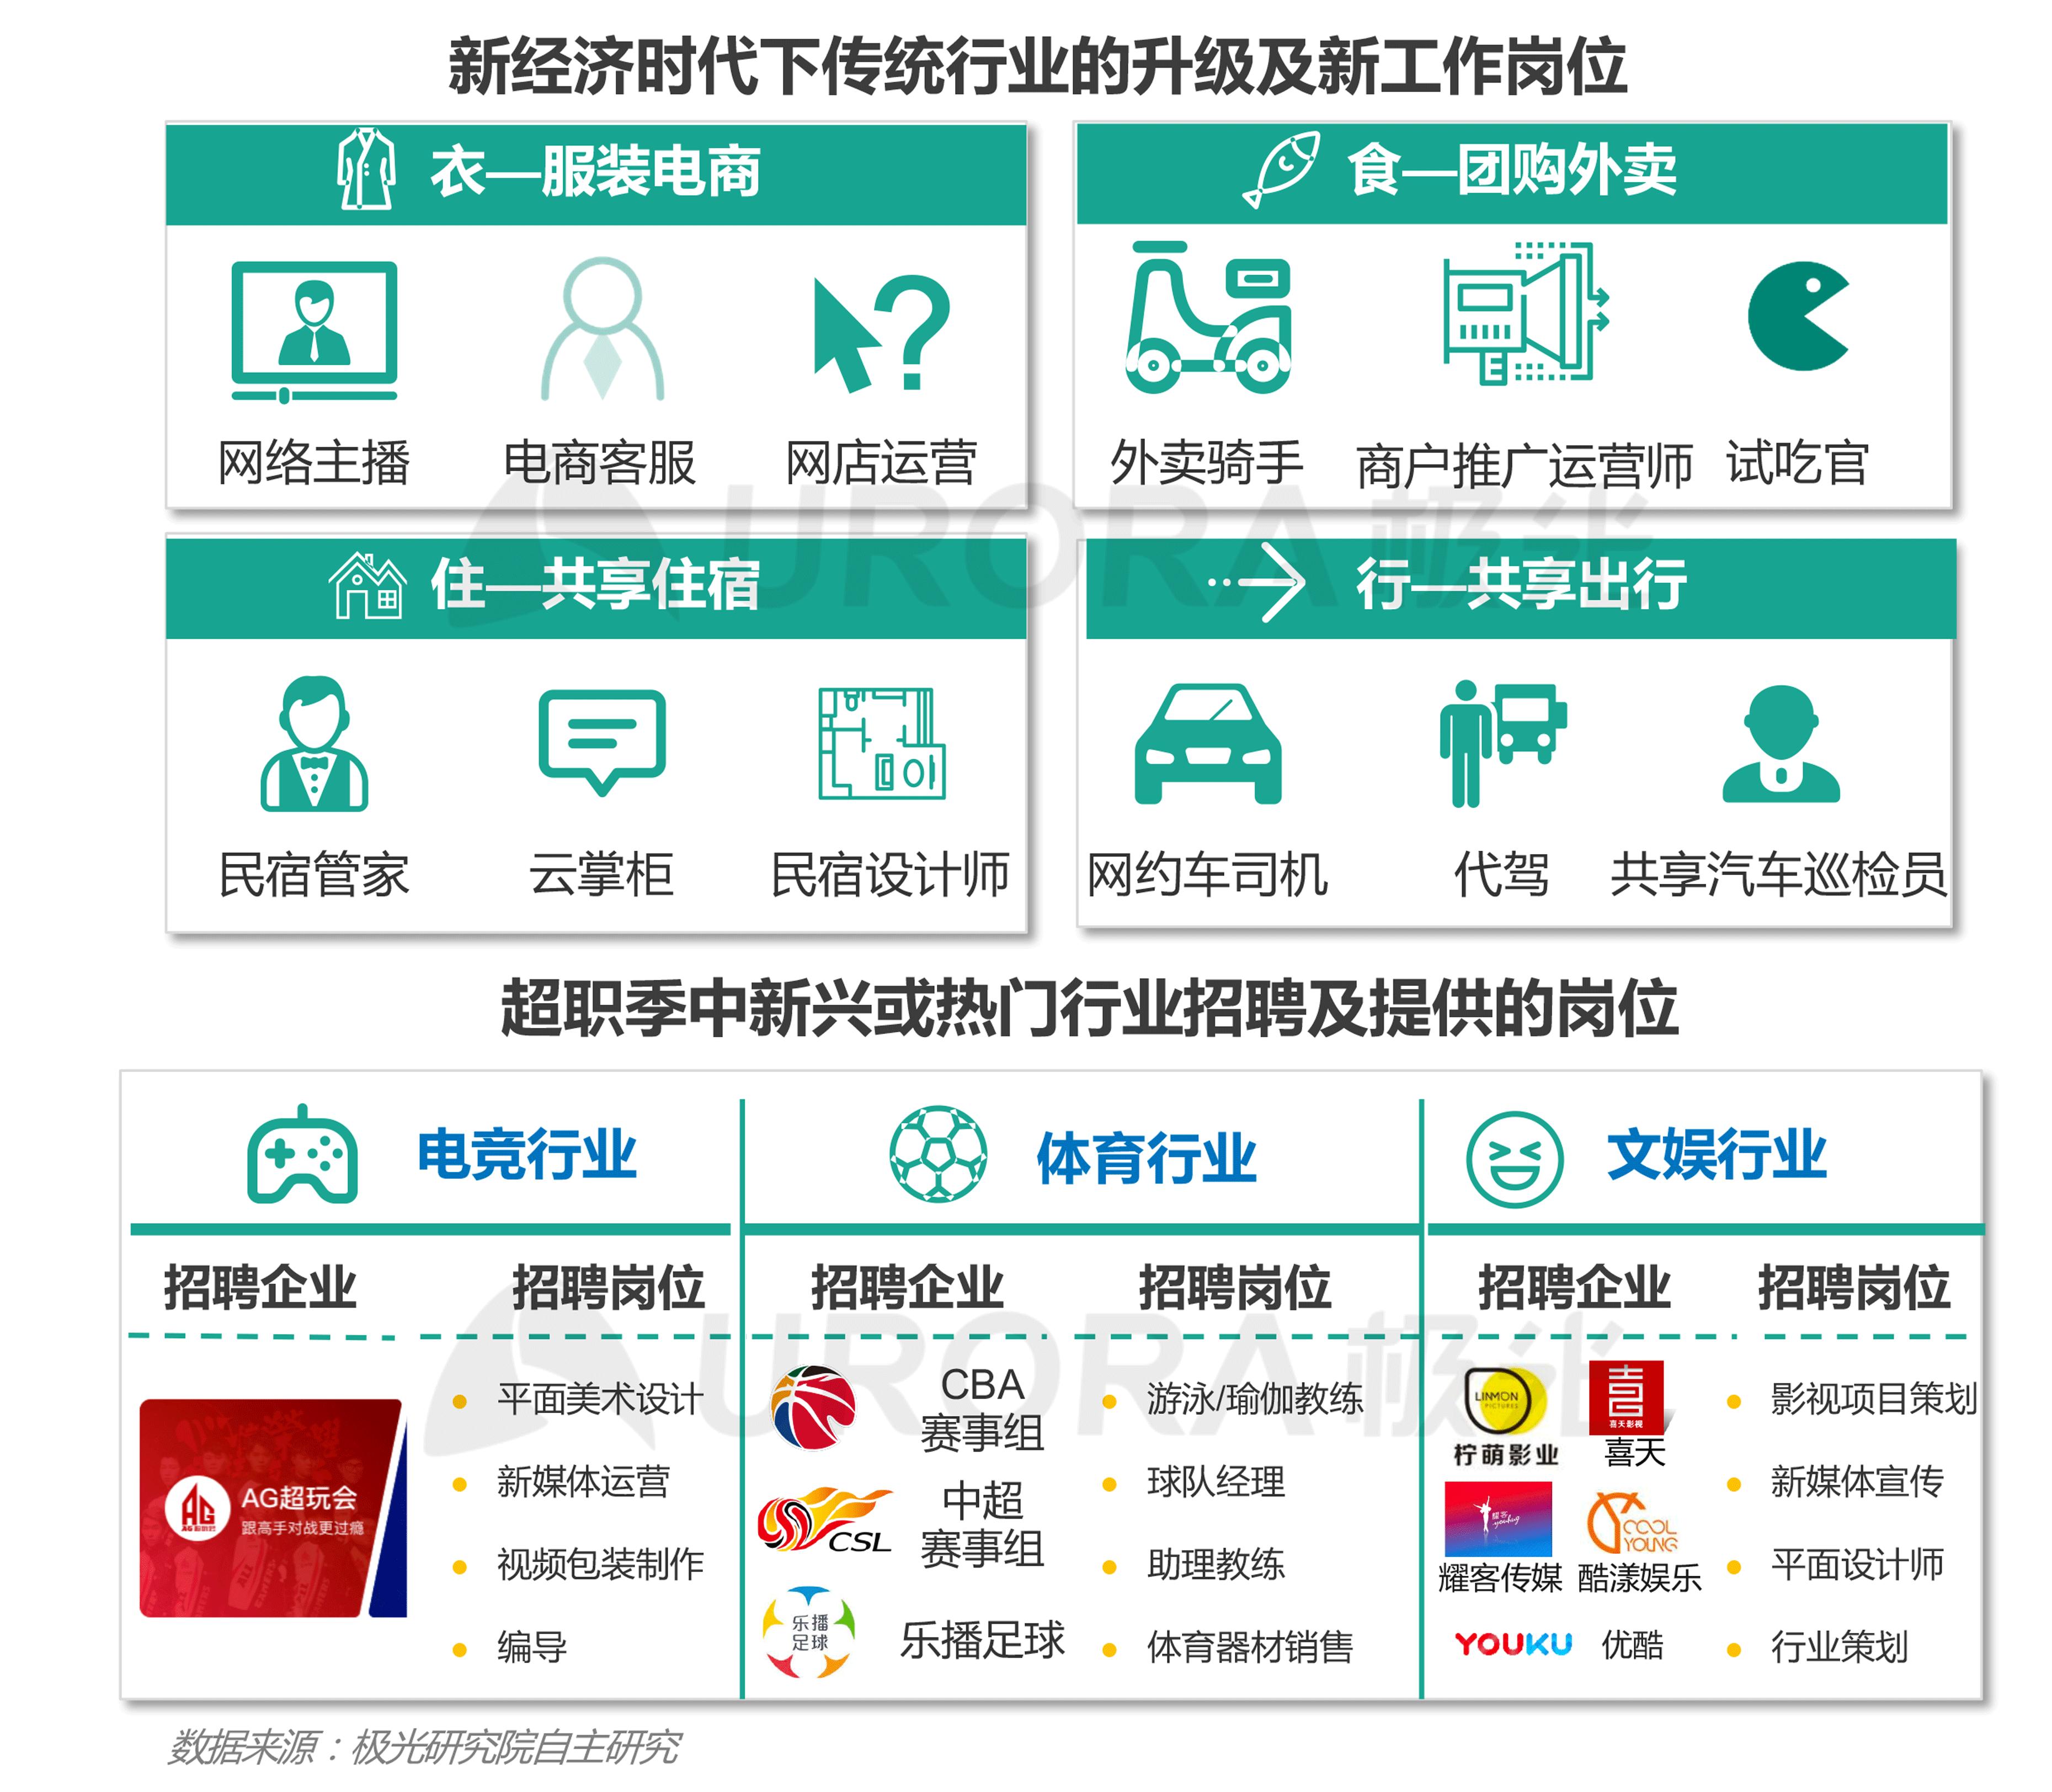 """极光:""""超职季""""招聘行业报告-招聘行业篇png (8).png"""